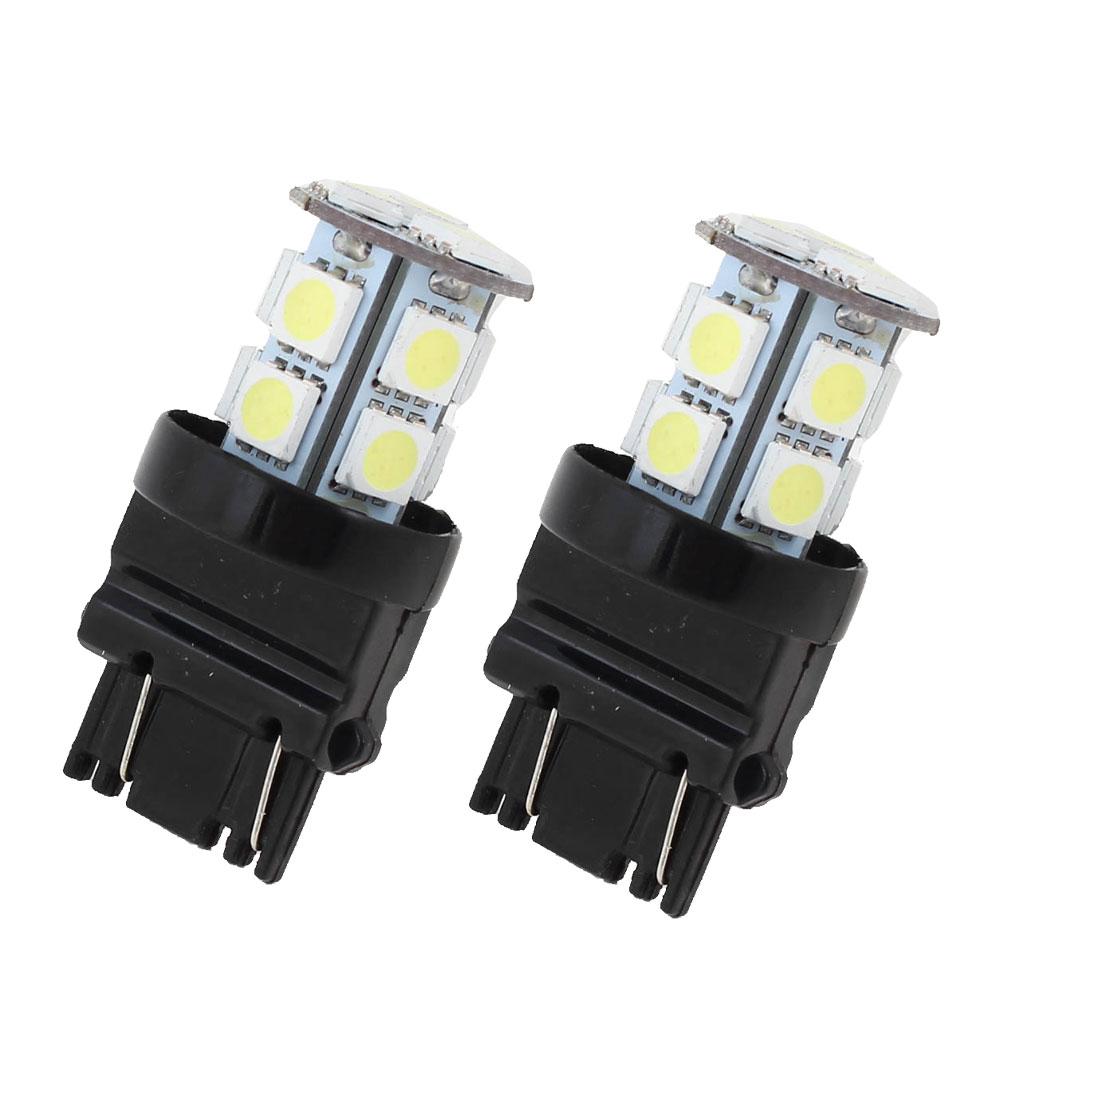 Car 3157 T25 5050 SMD 13 White LED Brake Parking Light Lamp Bulbs 4114 2 Pcs